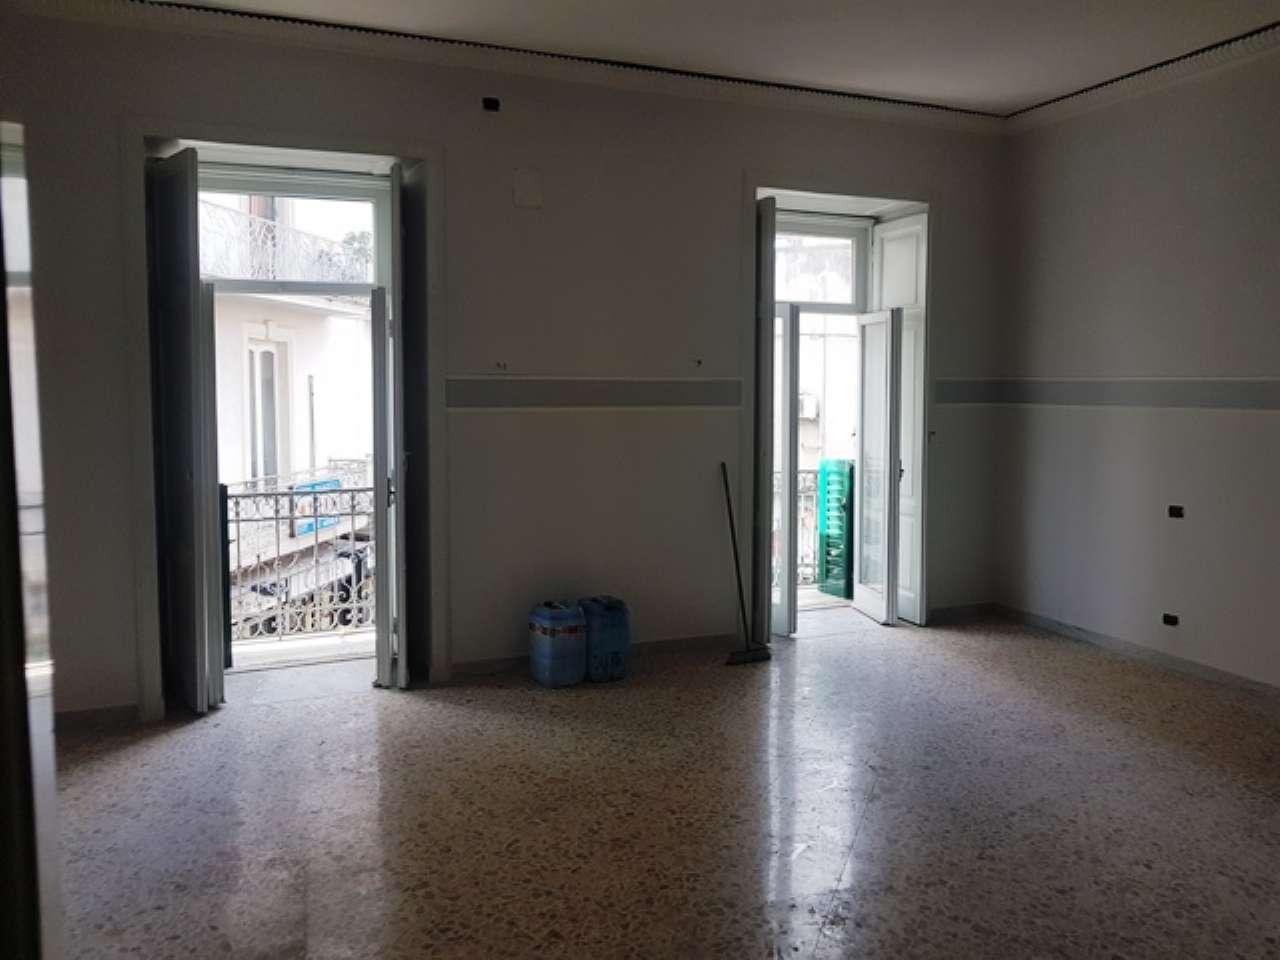 Appartamento ristrutturato in vendita a Nola con affaccio diretto al Corso Tommaso Vitale